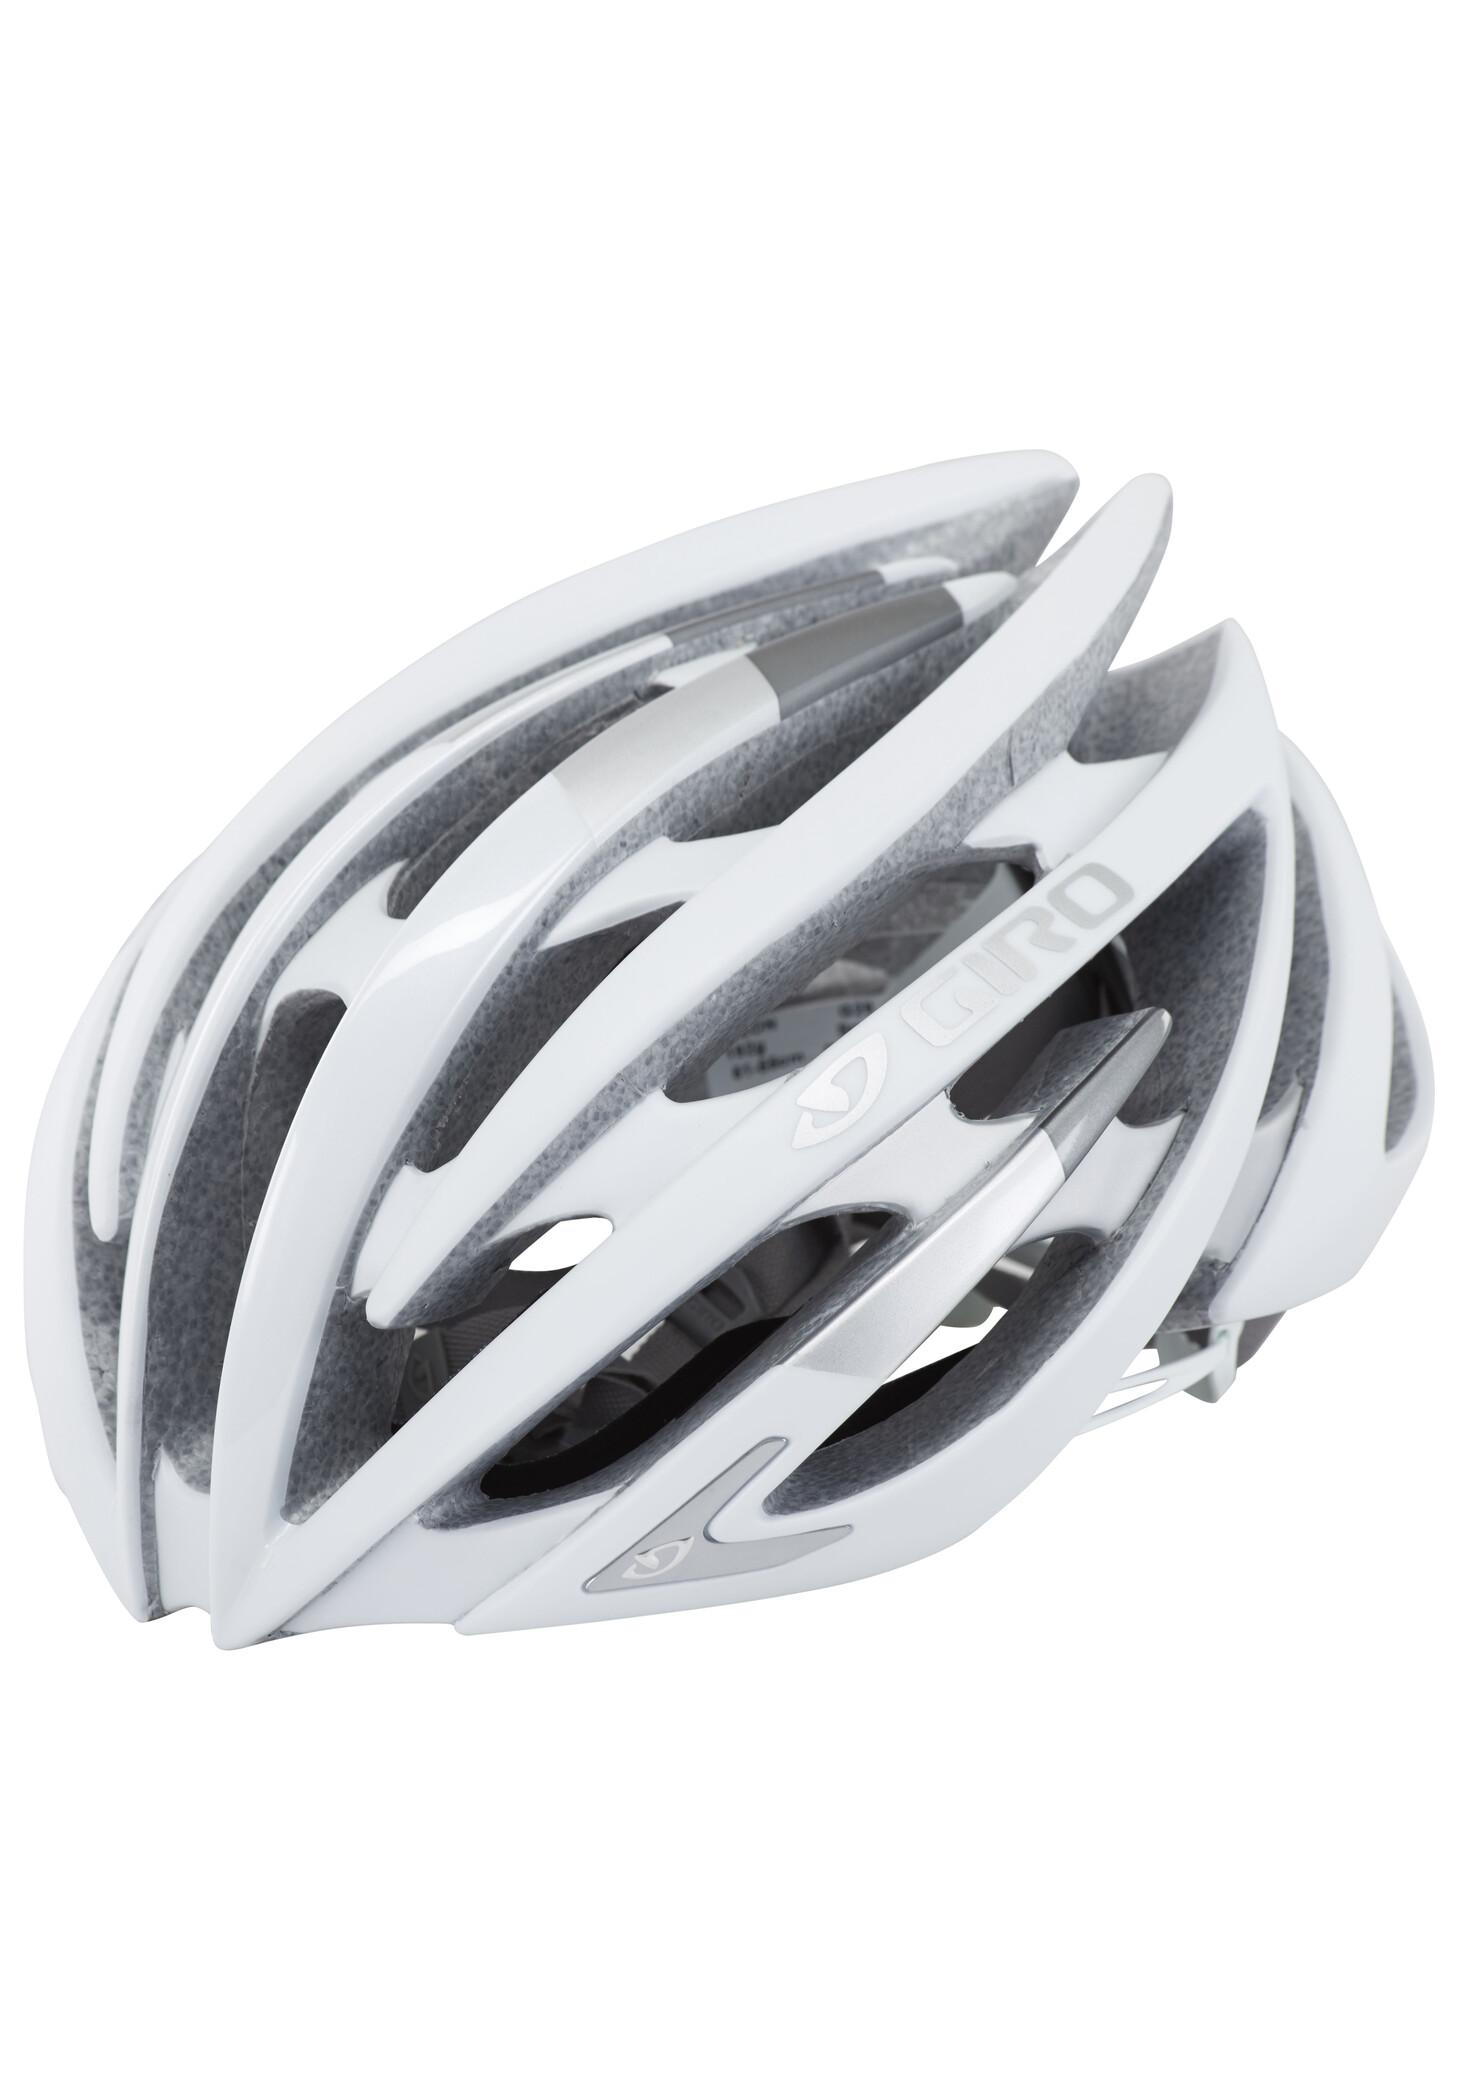 Https Race Face Turbine Dropper Sattelstuetze Oe316 Prolite Seat Post Carbon 316mm Silver Giro Aeon Helmet Matte White